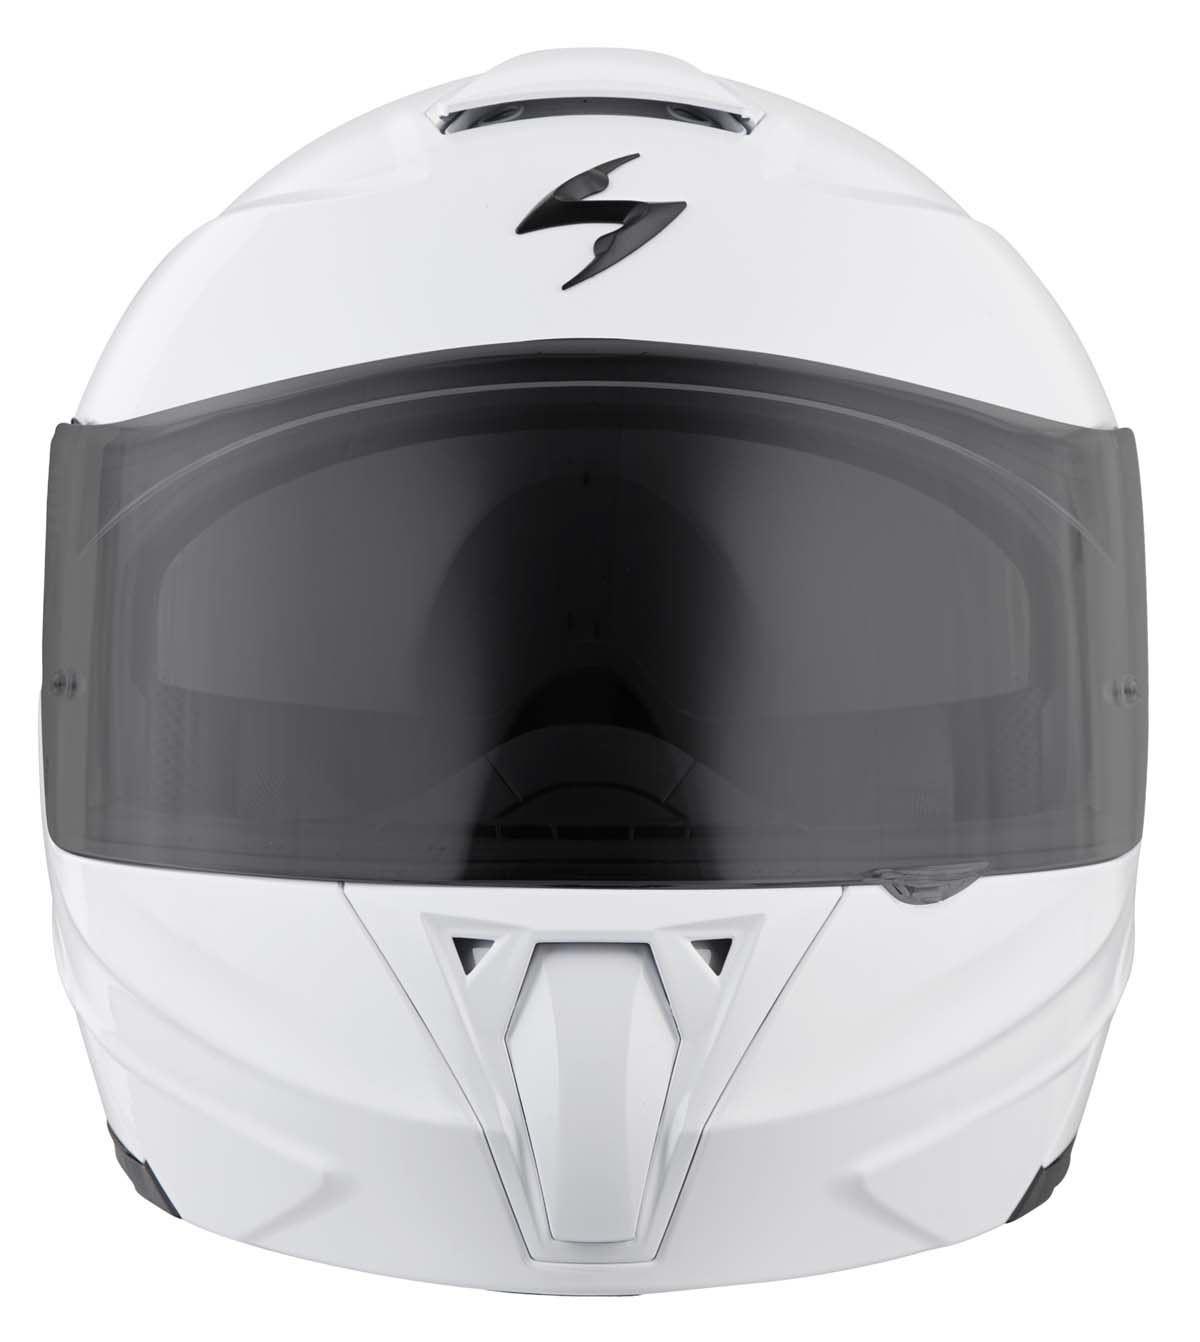 Scorpion-EXO-GT920-Helmet-Sport-Touring-Modular-Flip-Up-DOT-Approved-XS-3XL miniature 13